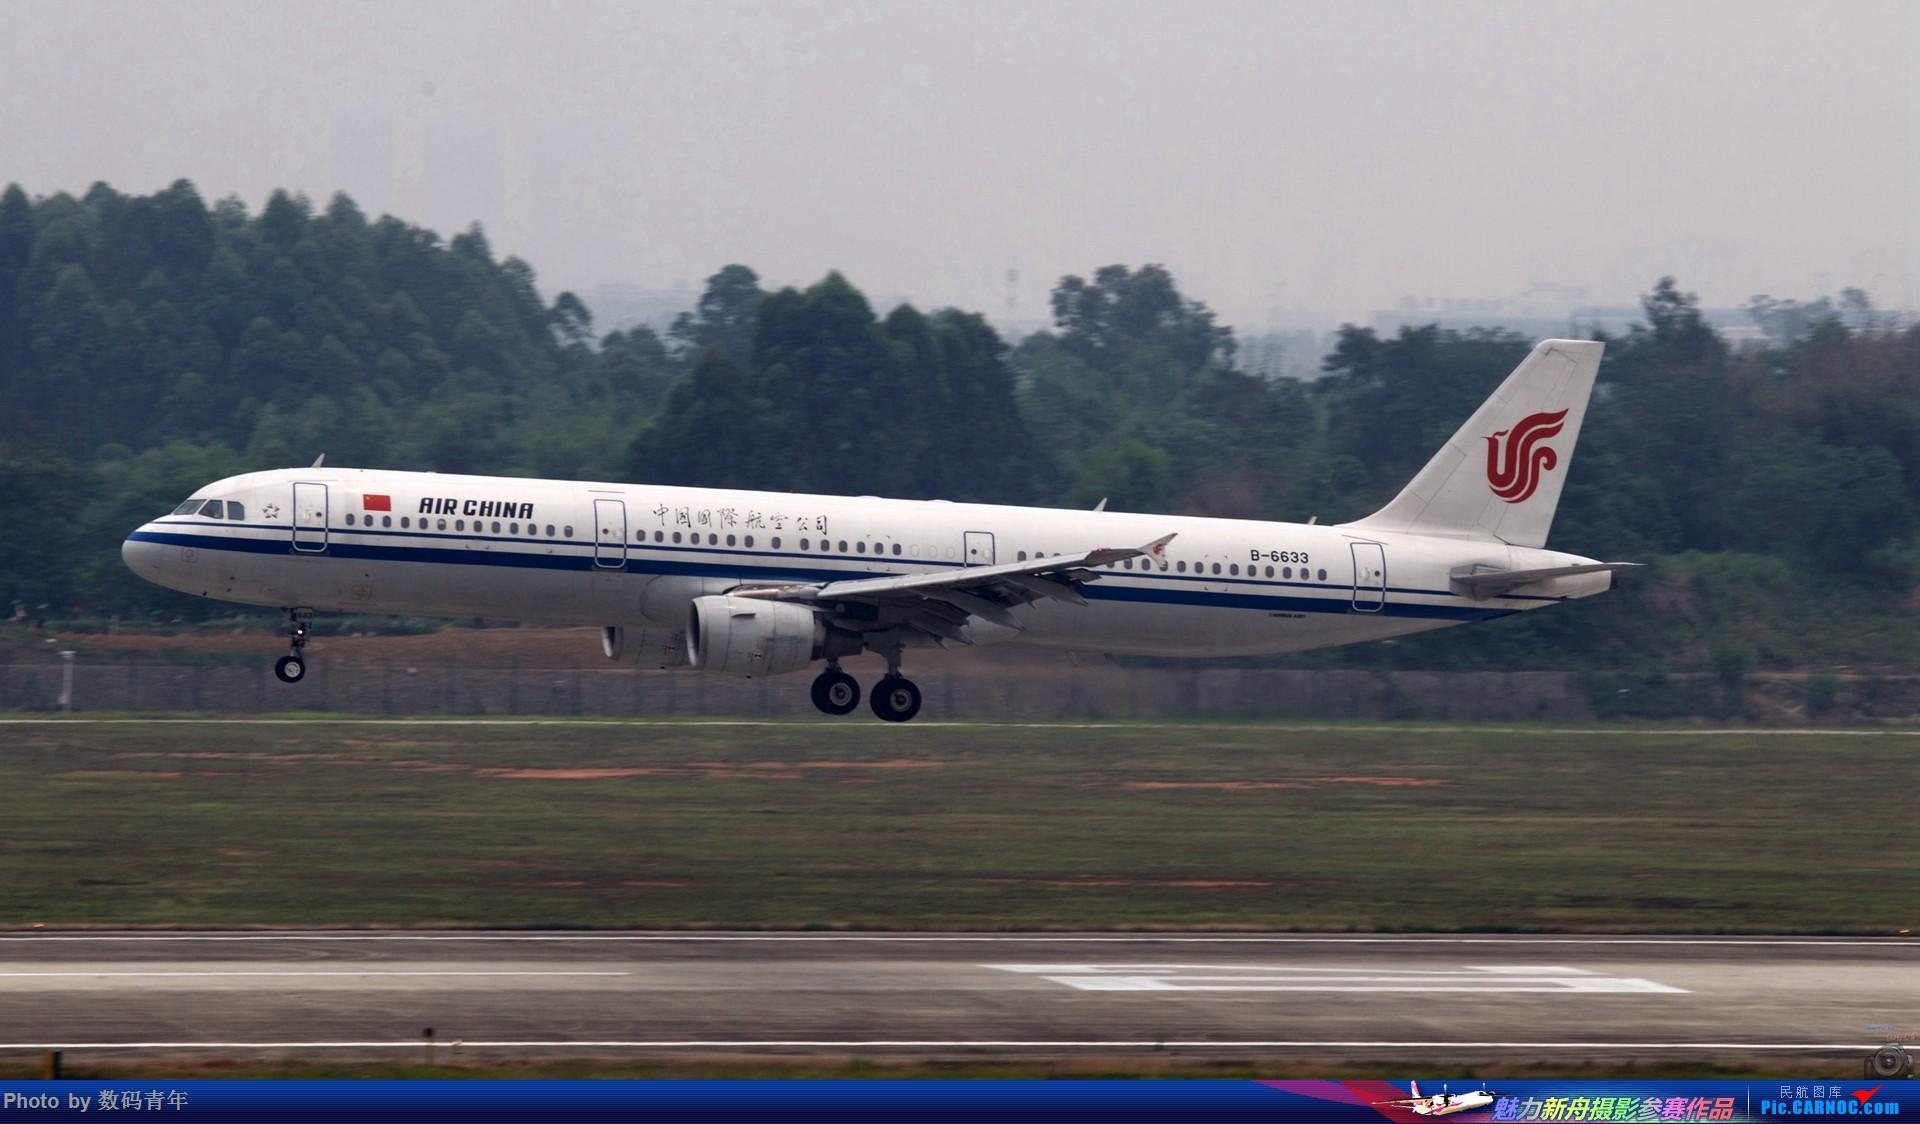 Re:[原创]重出江湖【CTU】2015.5.17打飞机 AIRBUS A321-200 B-6633 中国成都双流国际机场